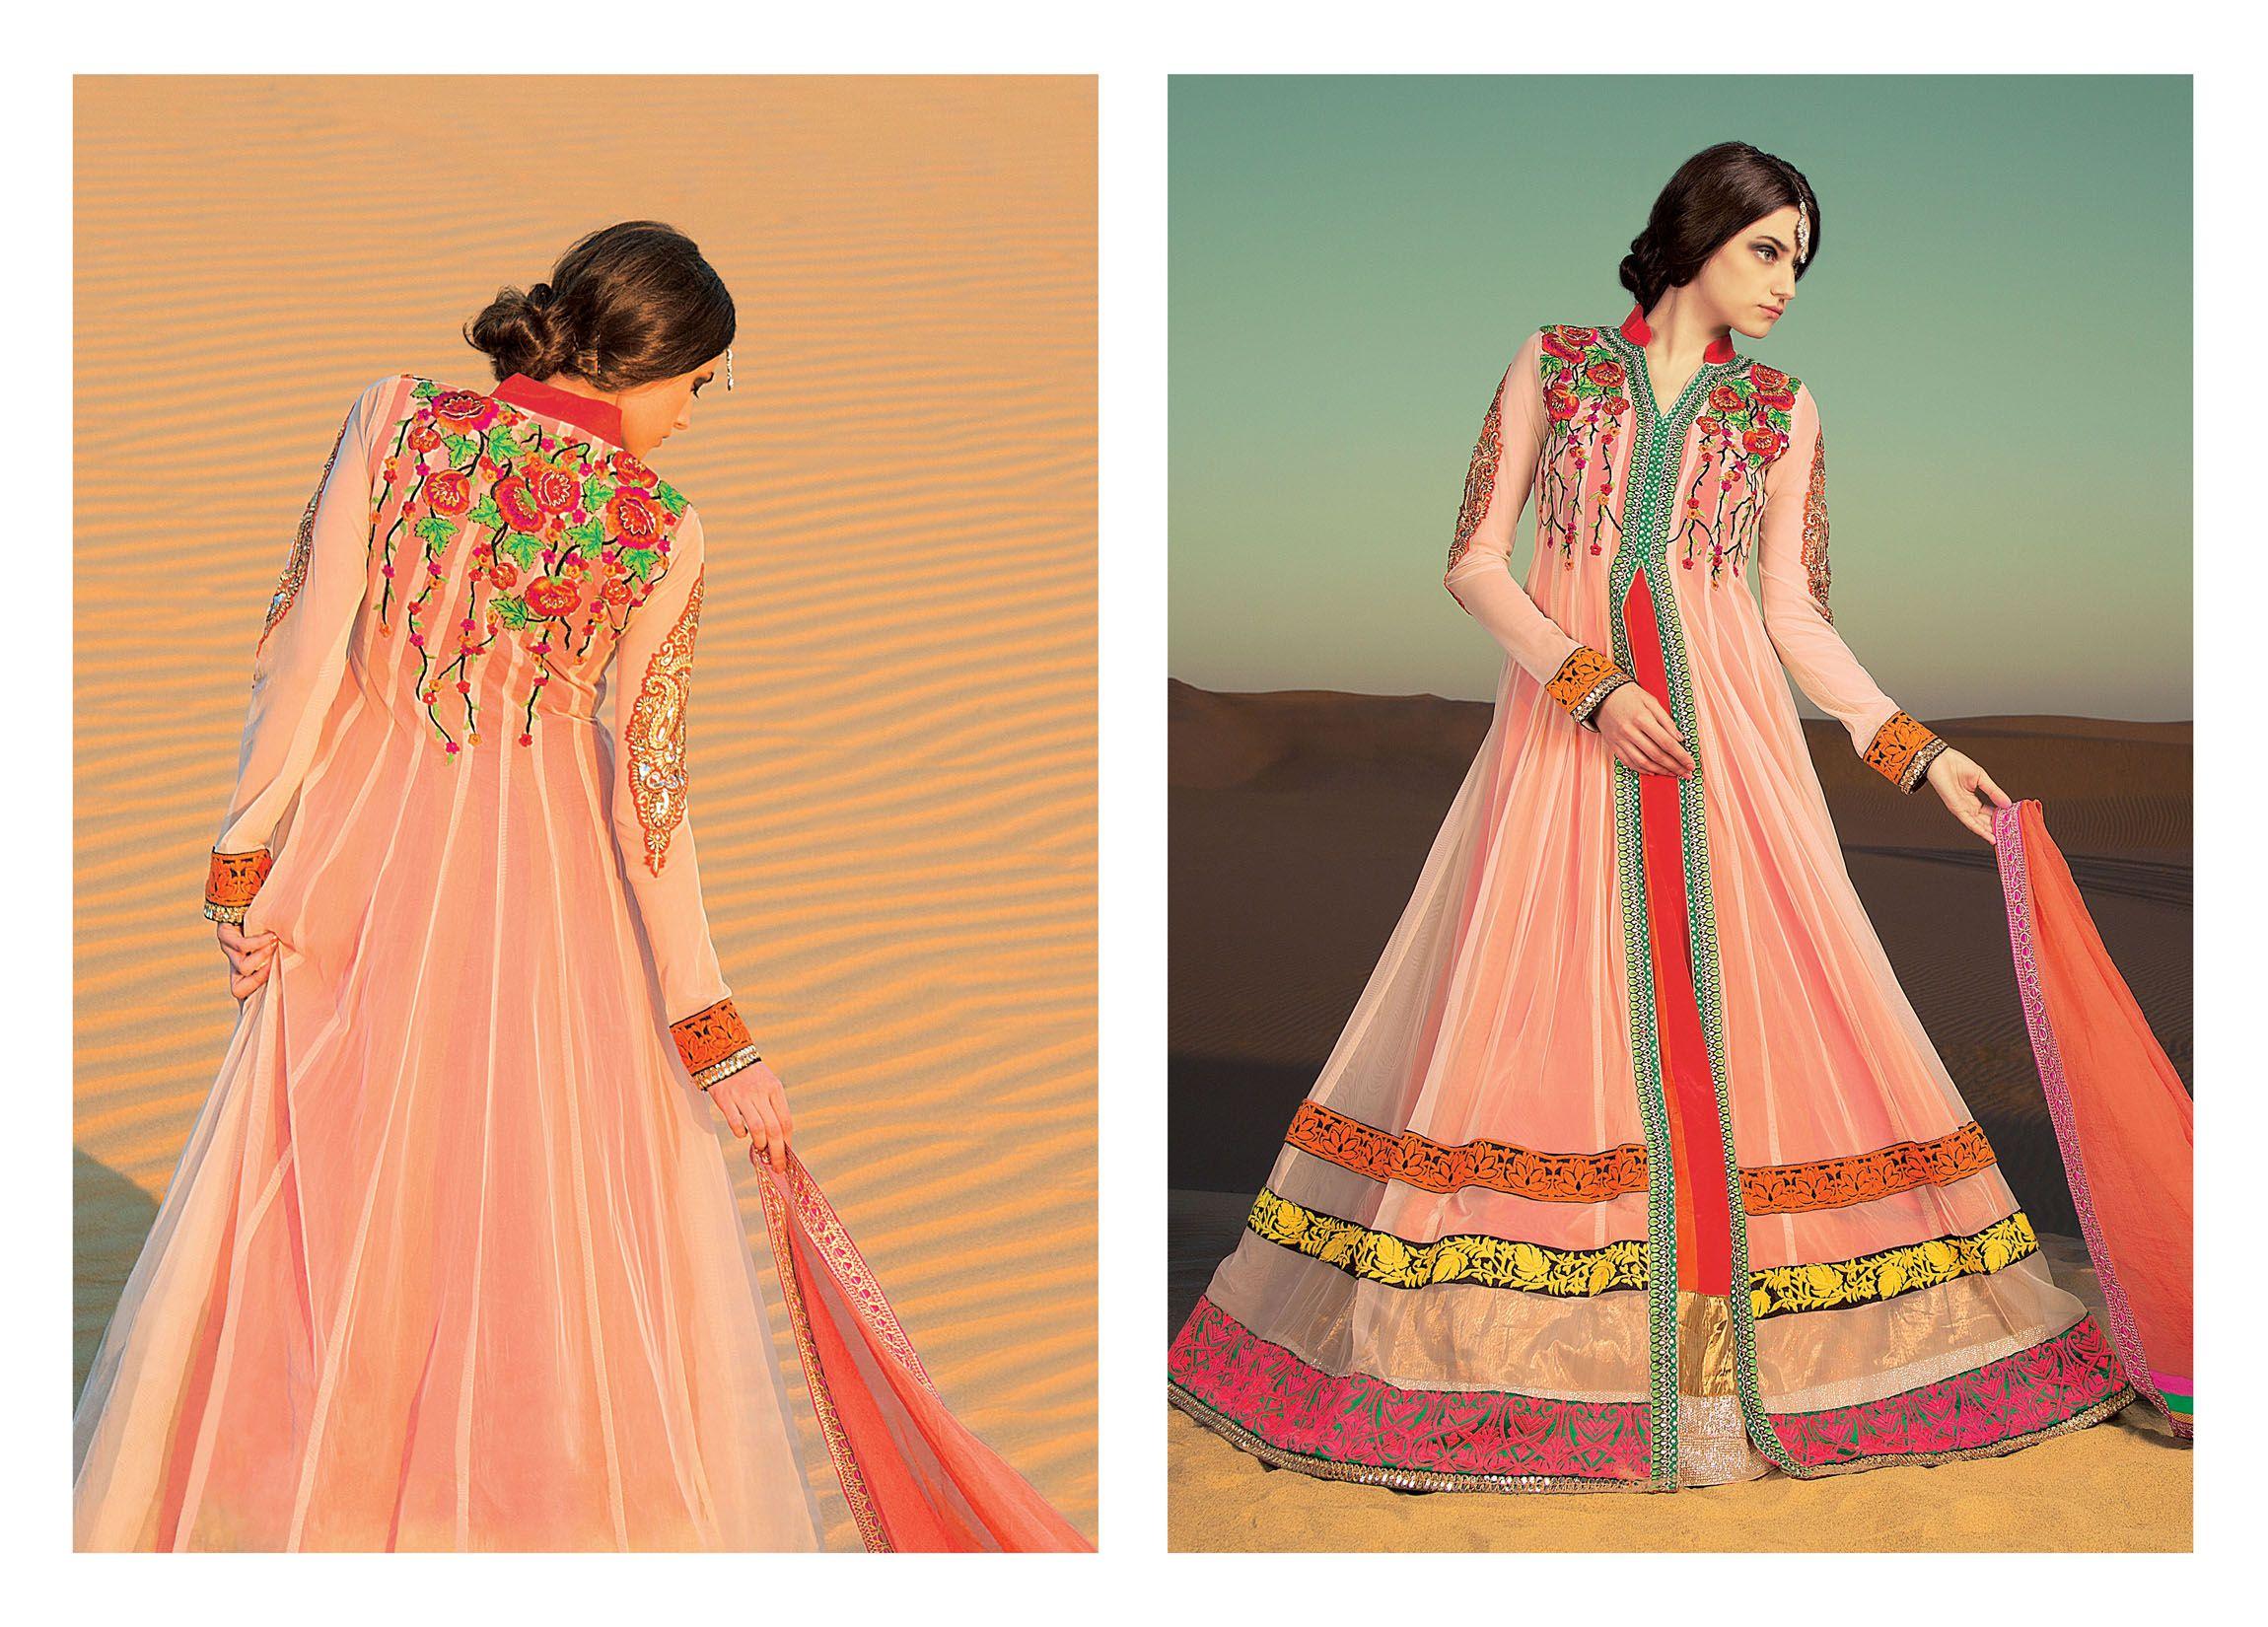 Designer salwar kameez mesmeric peach color net designer suit - Long Anarkali Indian Bollywood Wedding Designer Bridal Salwar Kameez Suit Dress Fabric Net Suit With